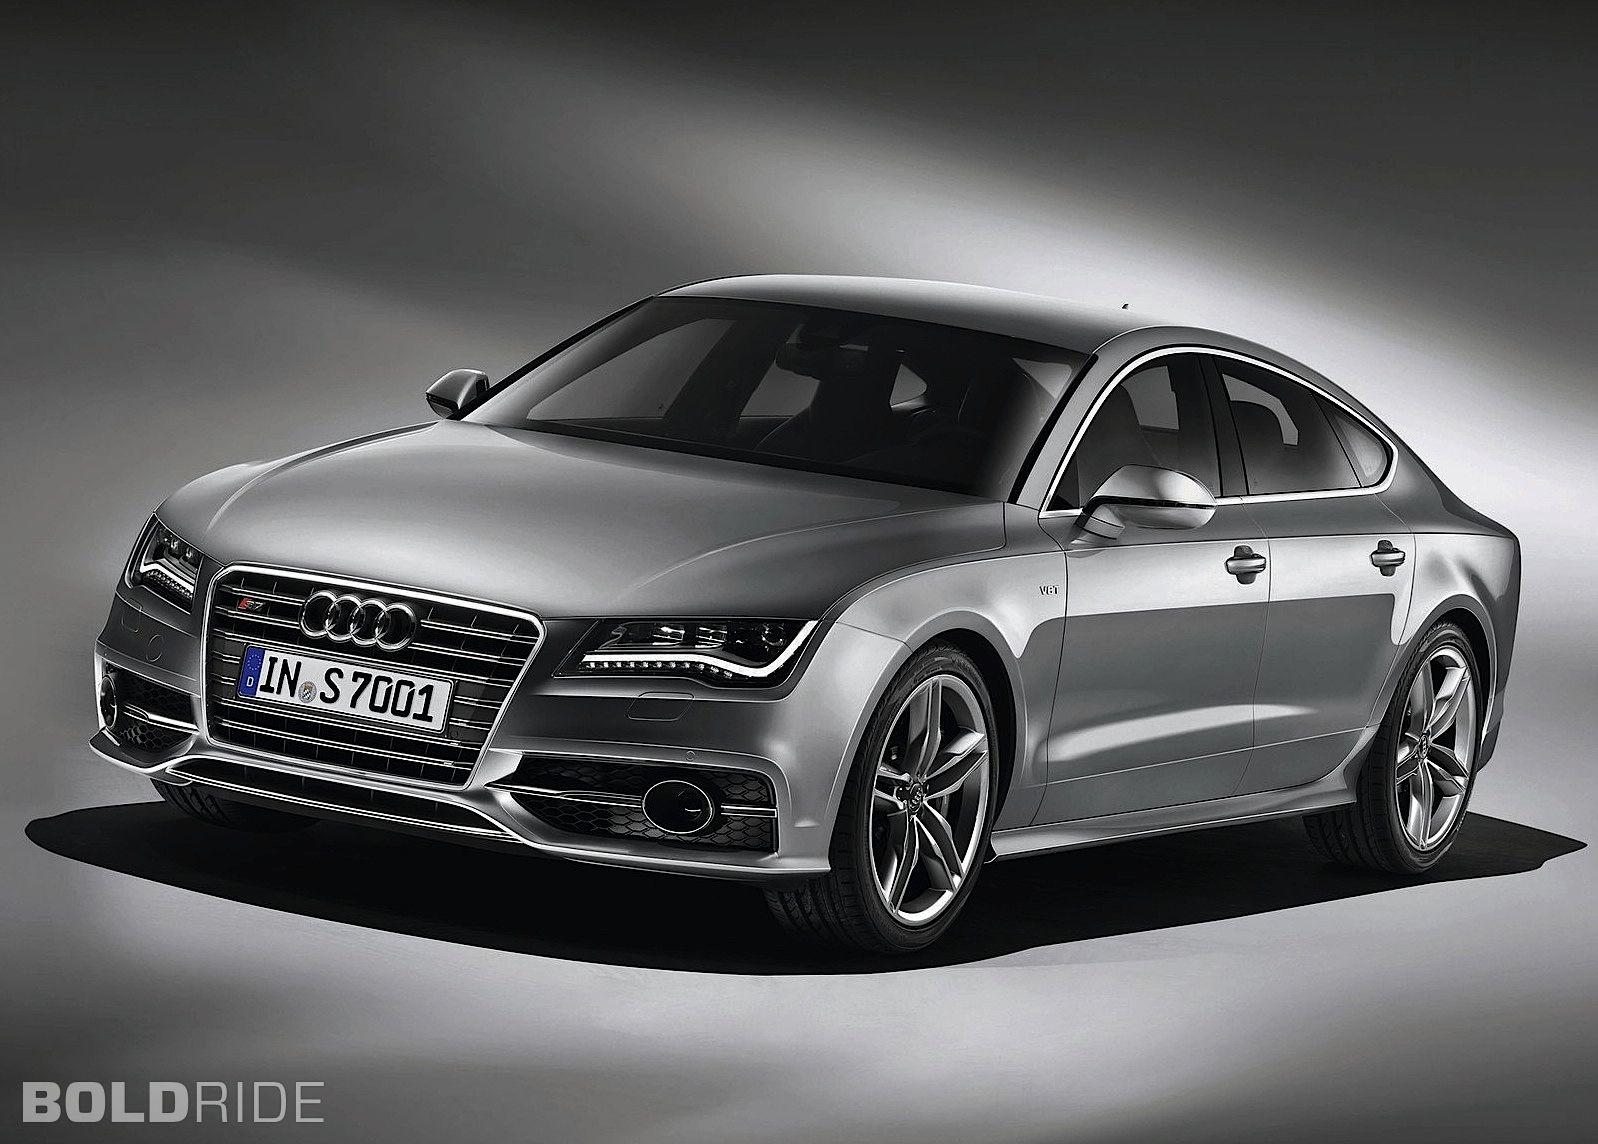 Audi S7 Hot Stuff Audi Audi A7 Sport Car Brands